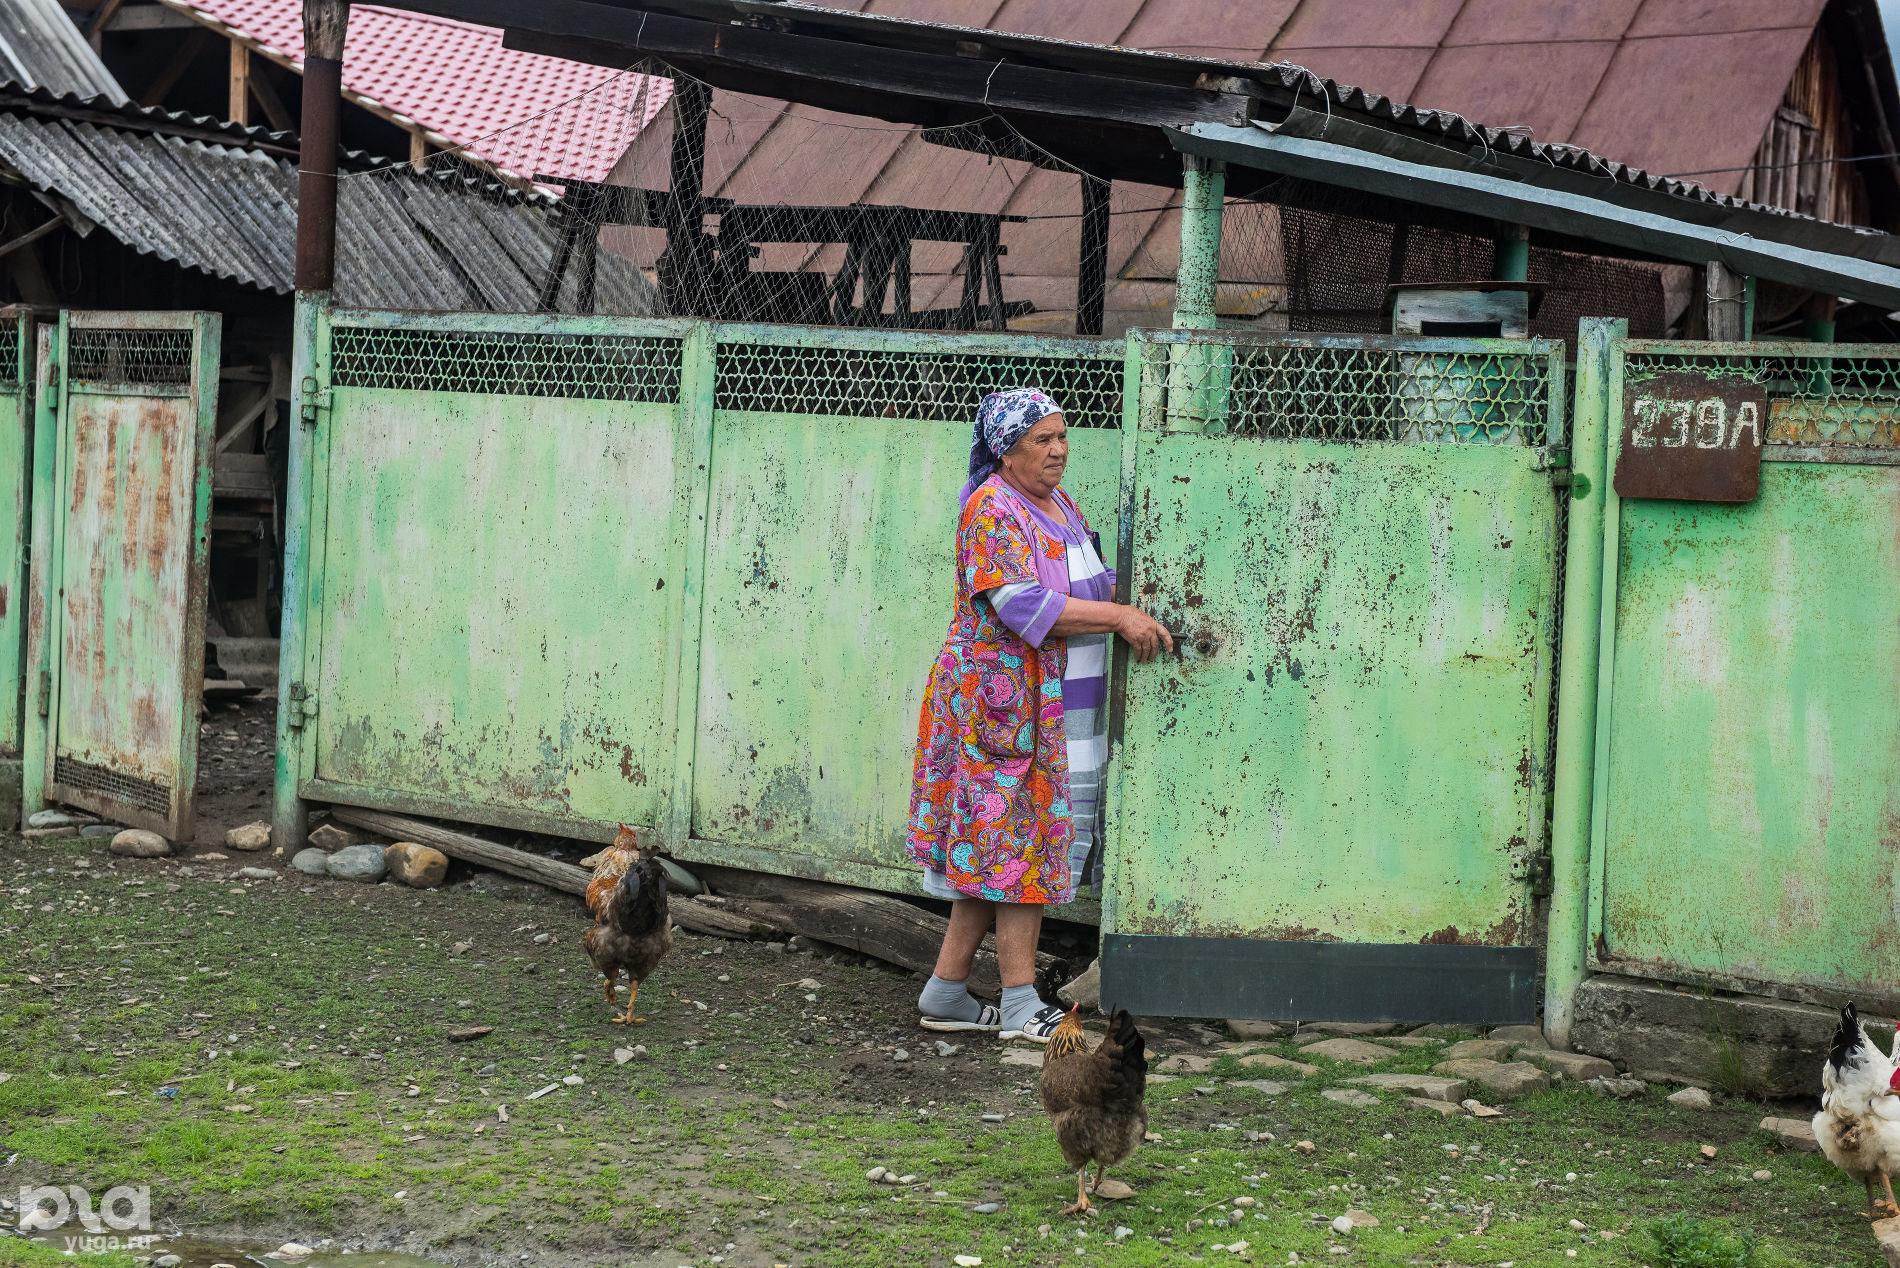 Жительница поселка Псебай ©Фото Елены Синеок, Юга.ру